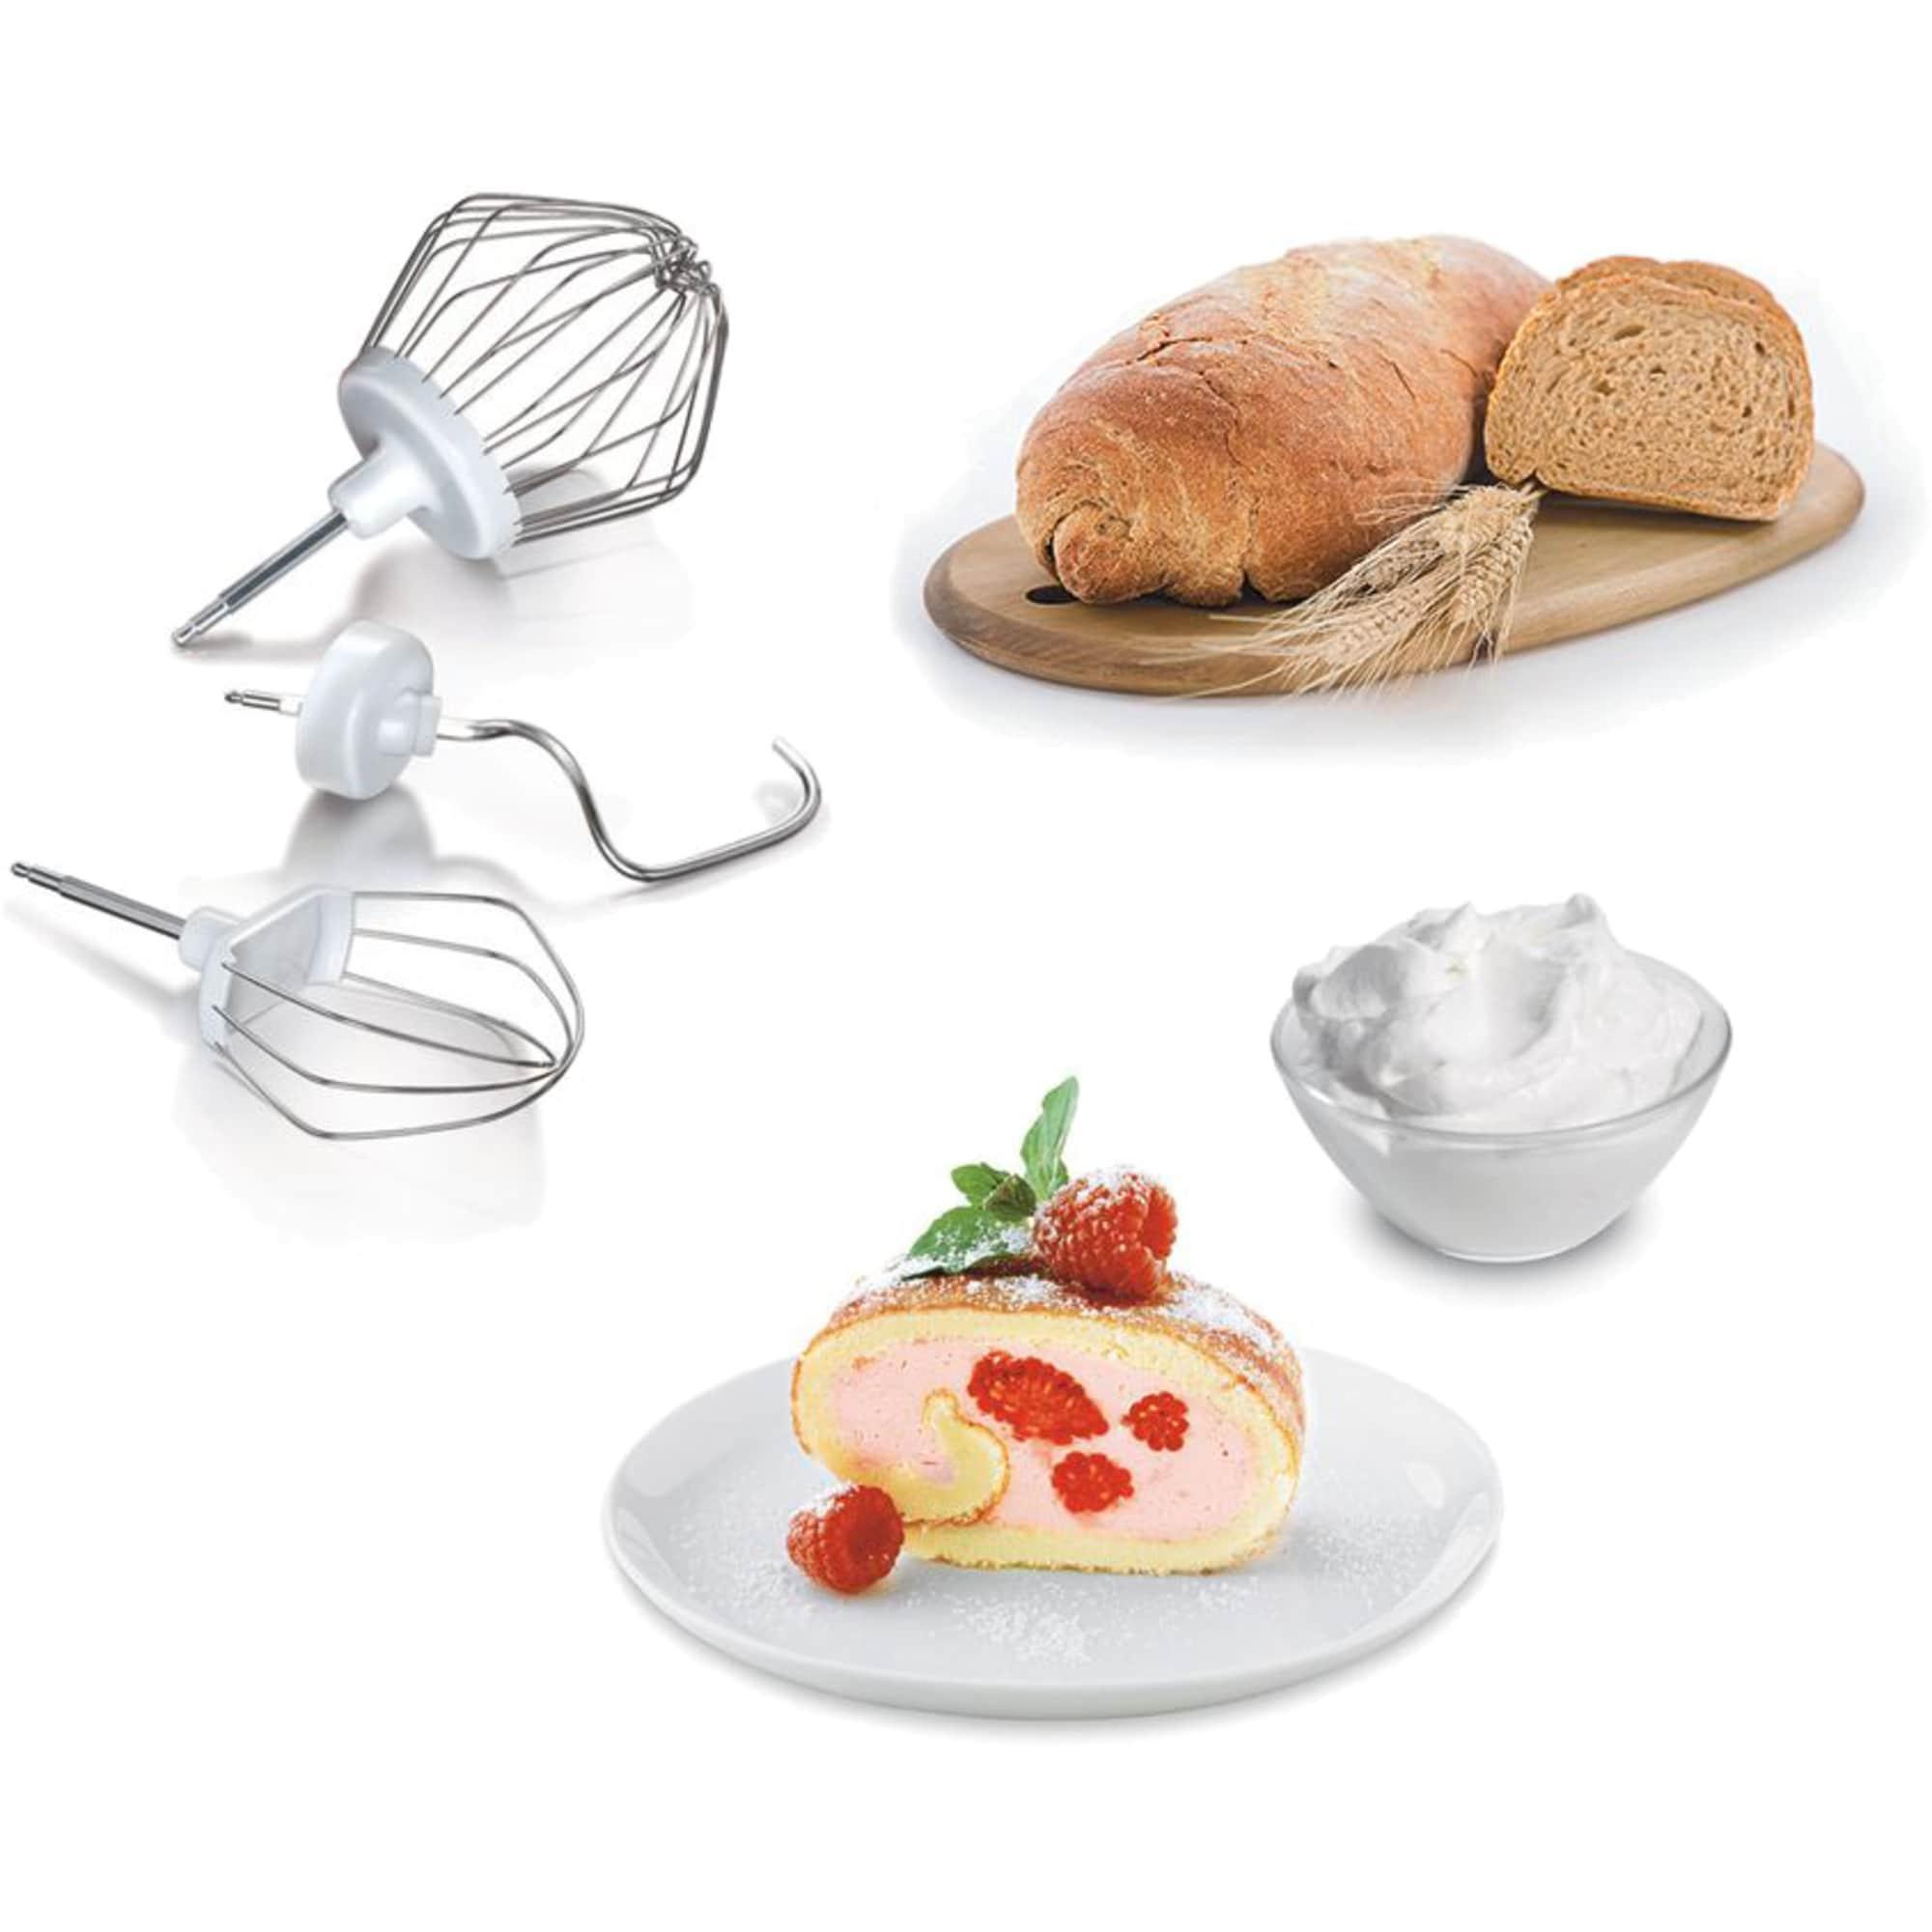 Bosch Küchenmaschine MUM 4825 weiß-rot